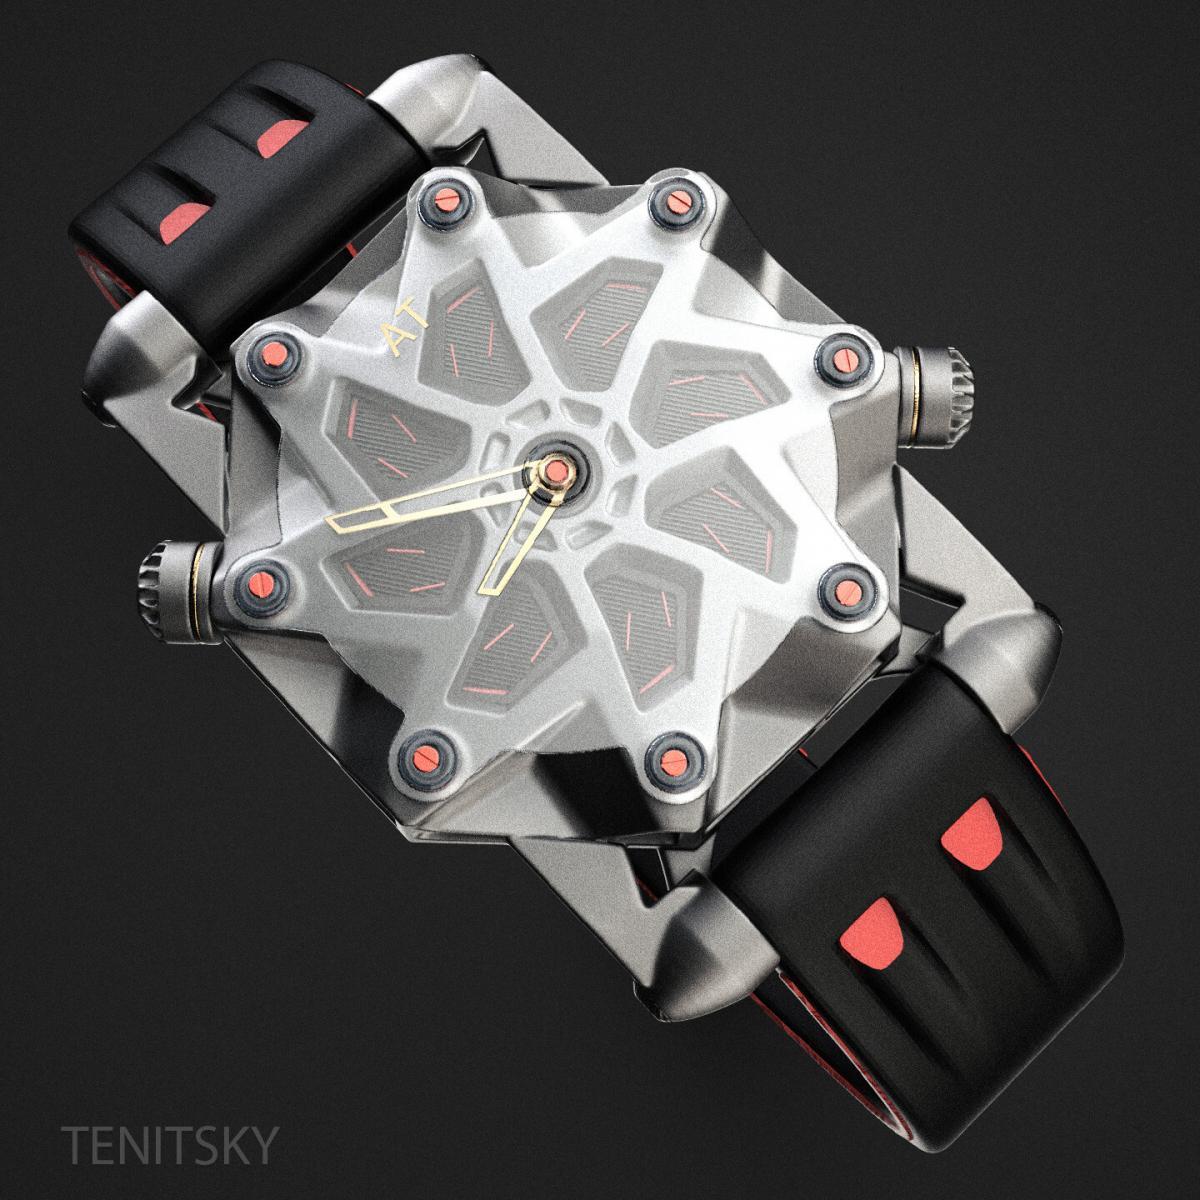 anton-tenitsky-square2.jpg